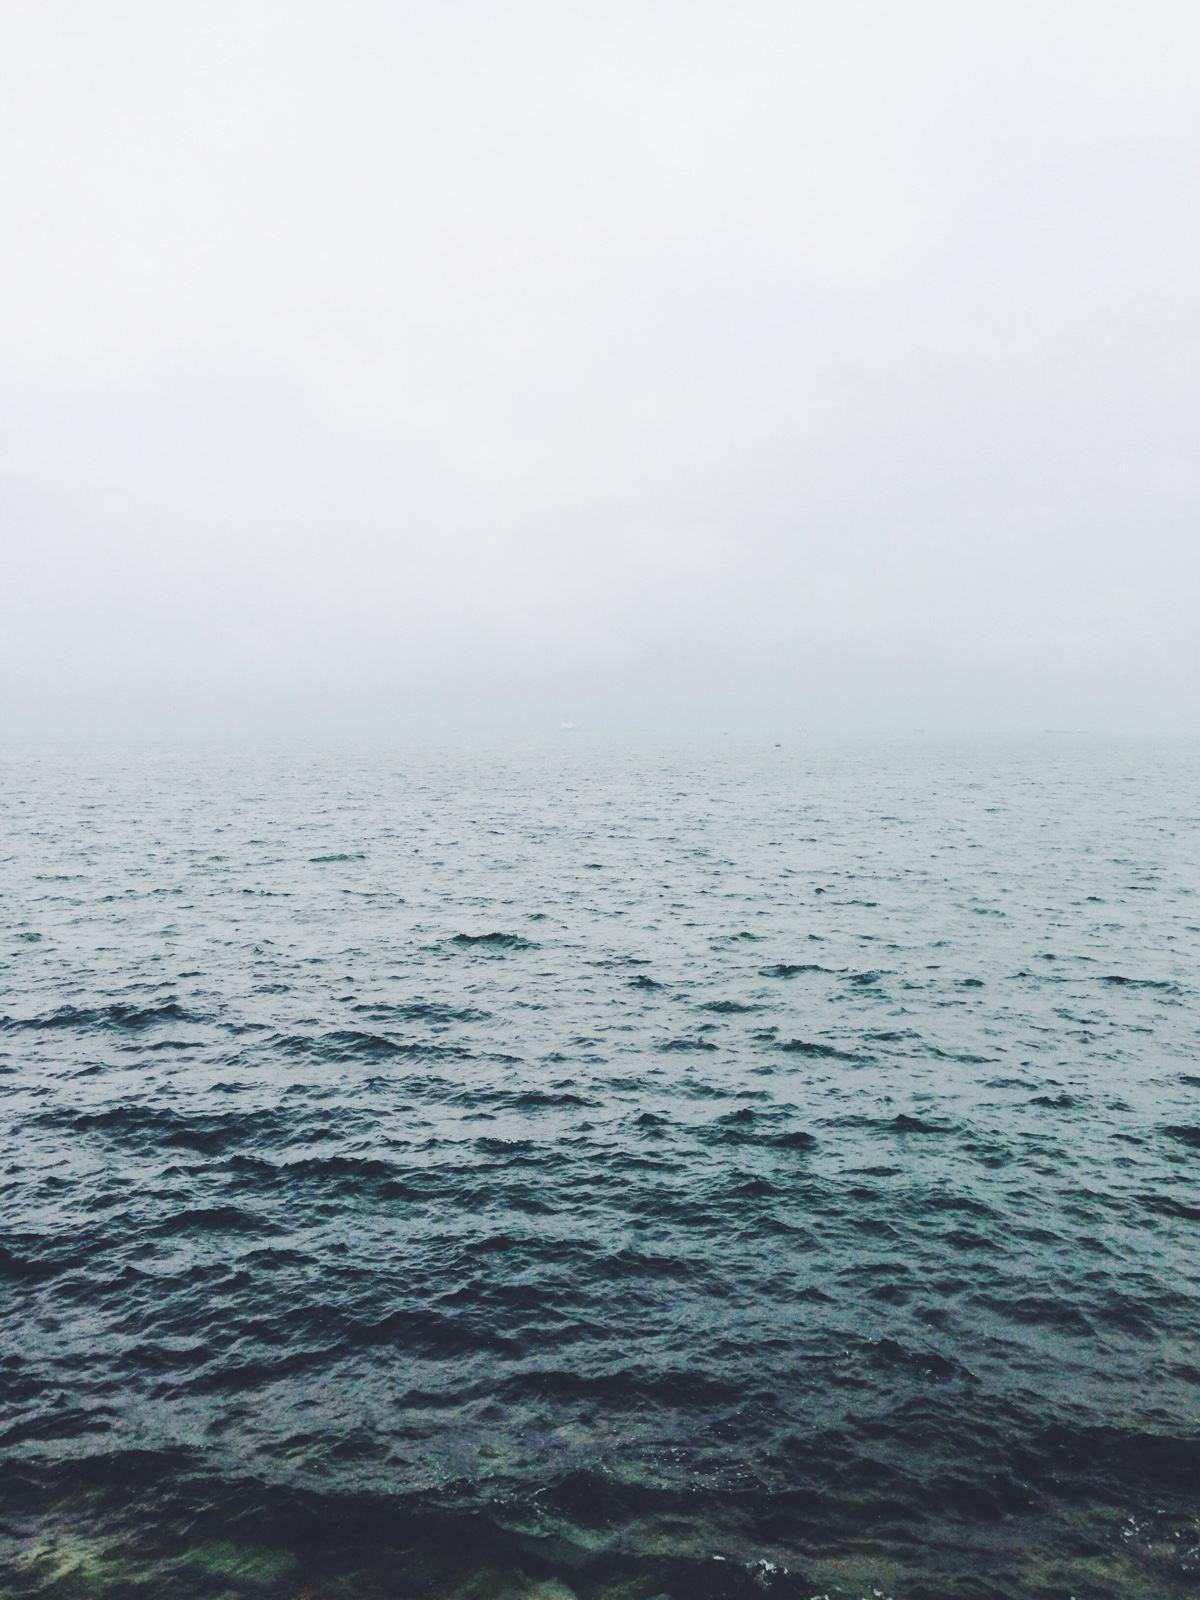 海丽气象吧丨山东解除海上大风黄色预警信号